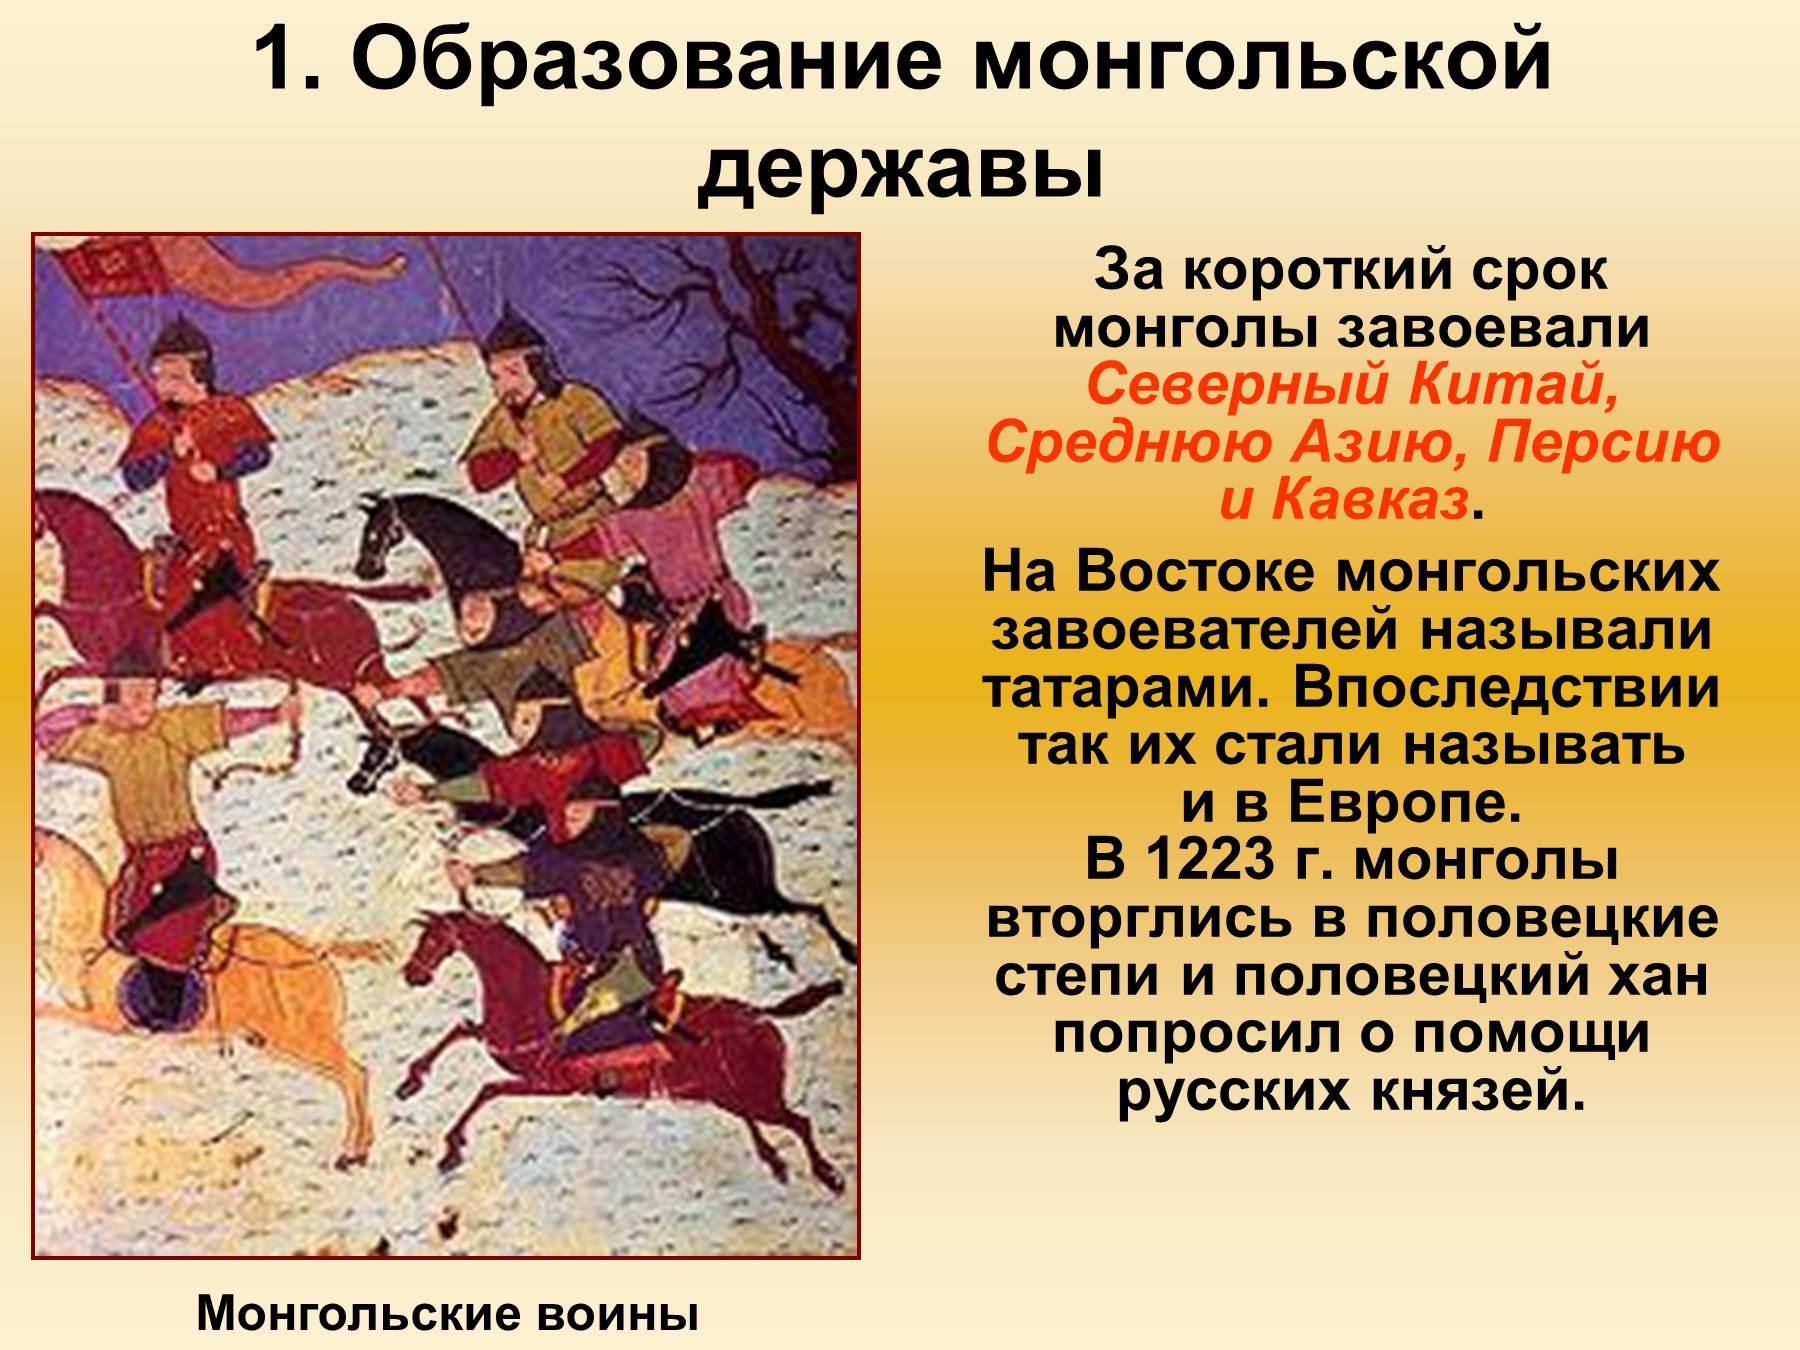 Р дипломы - 2500 р xreferatcom  рефераты по истории  монгольское нашествие